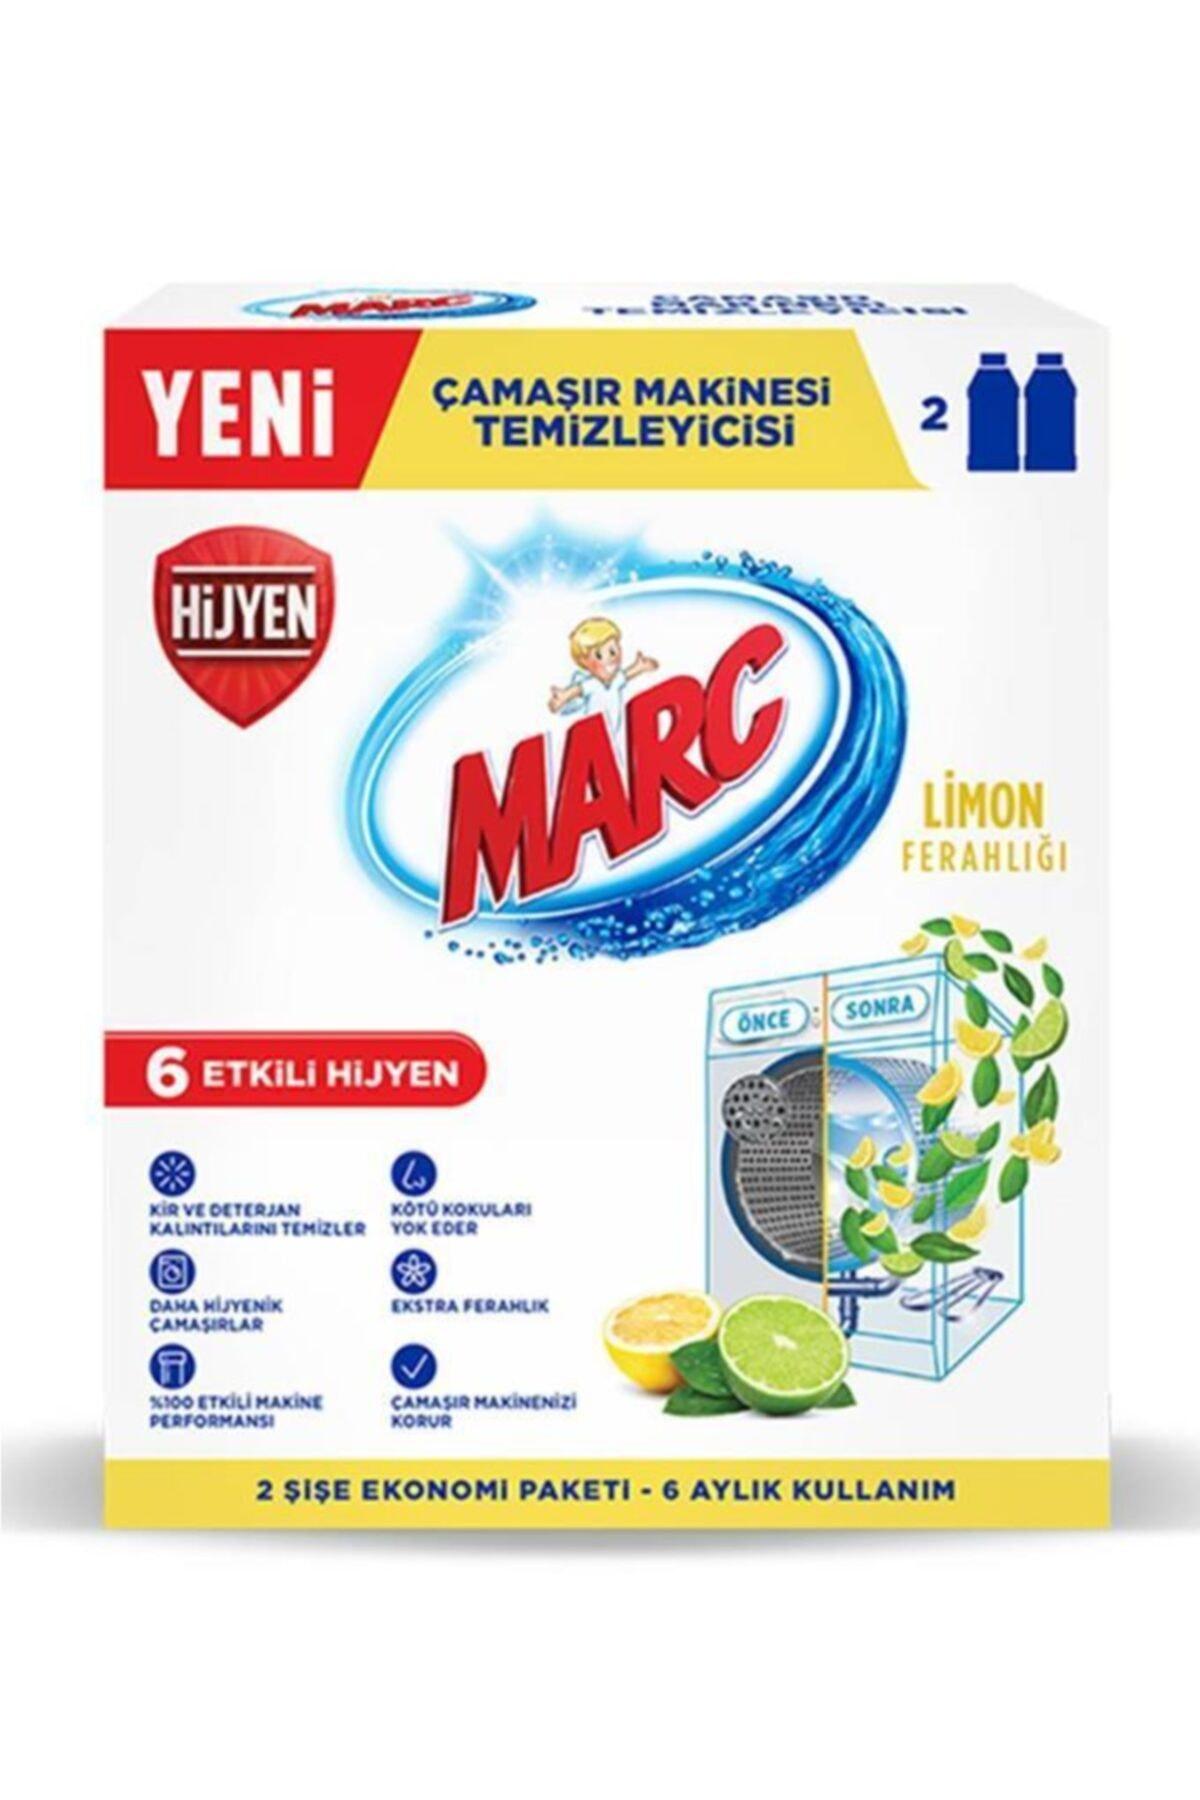 Marc Çamaşır Makinesi Temizleyici Limon Ferahlığı 2x250 Ml 2